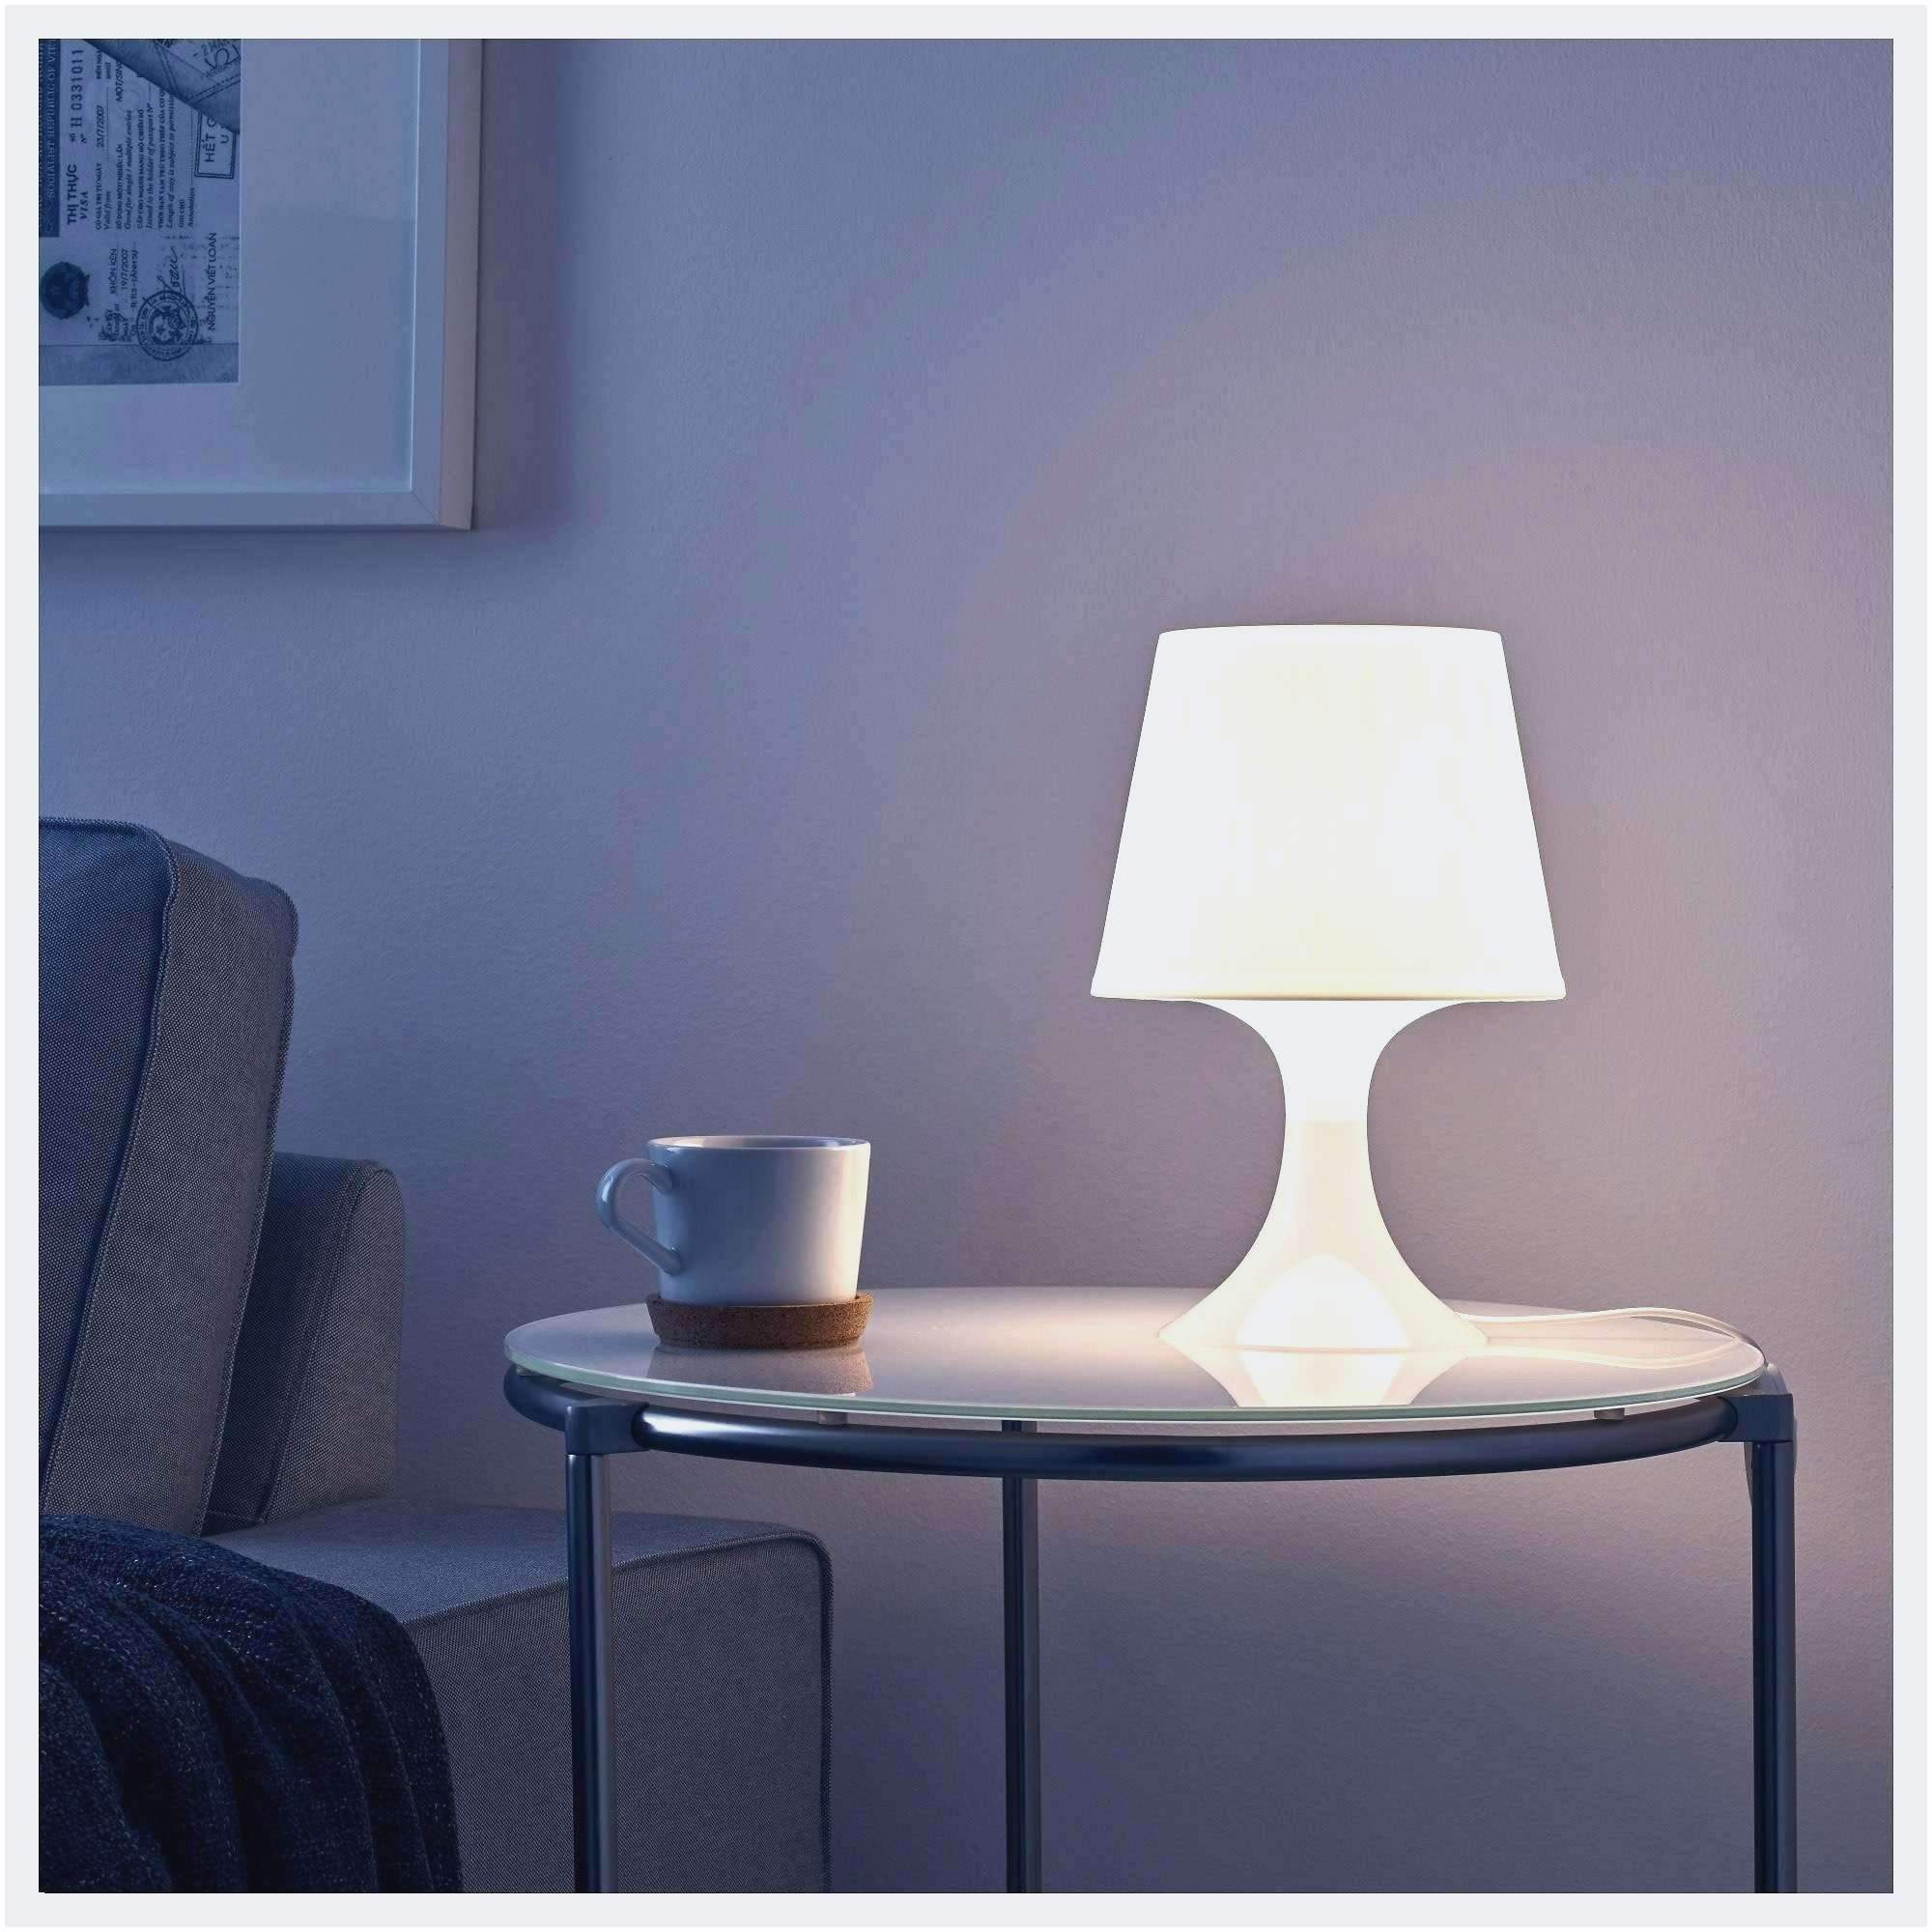 Full Size of Ikea Stehlampen 39 Genial Stehlampe Wohnzimmer Luxus Frisch Küche Kosten Modulküche Miniküche Betten Bei 160x200 Sofa Mit Schlaffunktion Kaufen Wohnzimmer Ikea Stehlampen